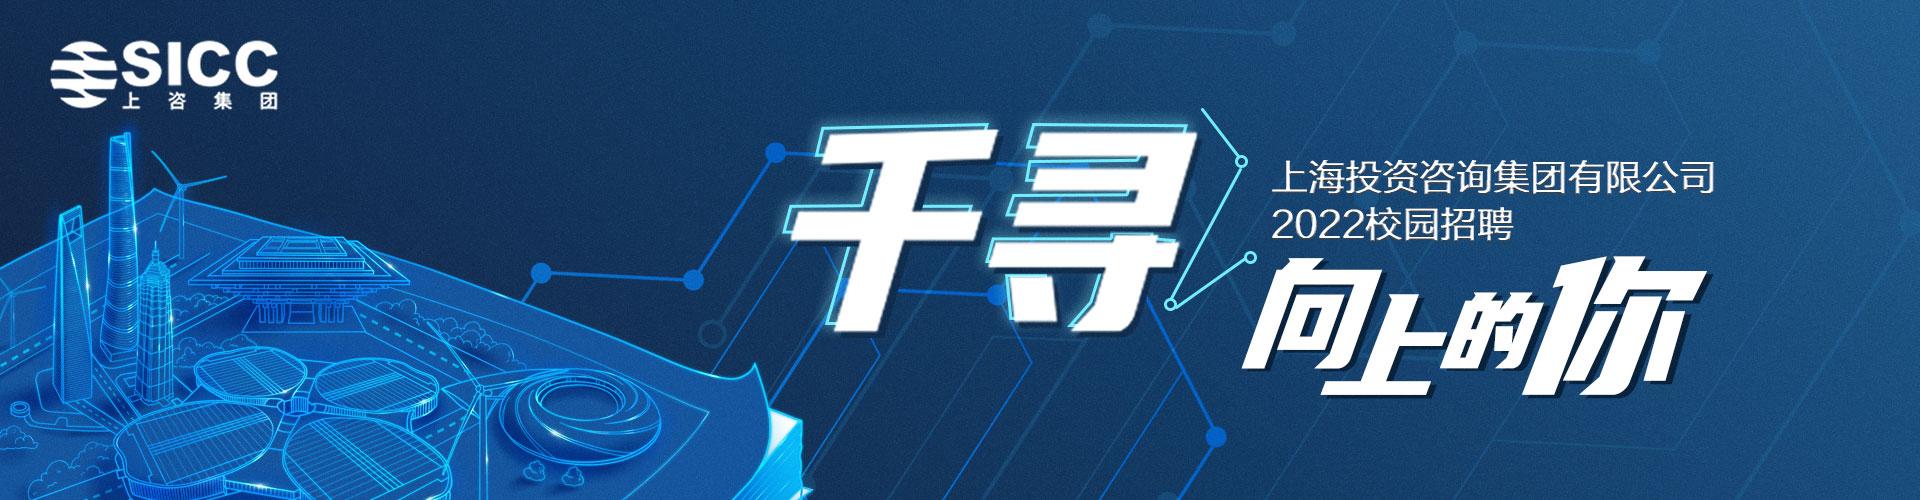 上海投资咨询集团